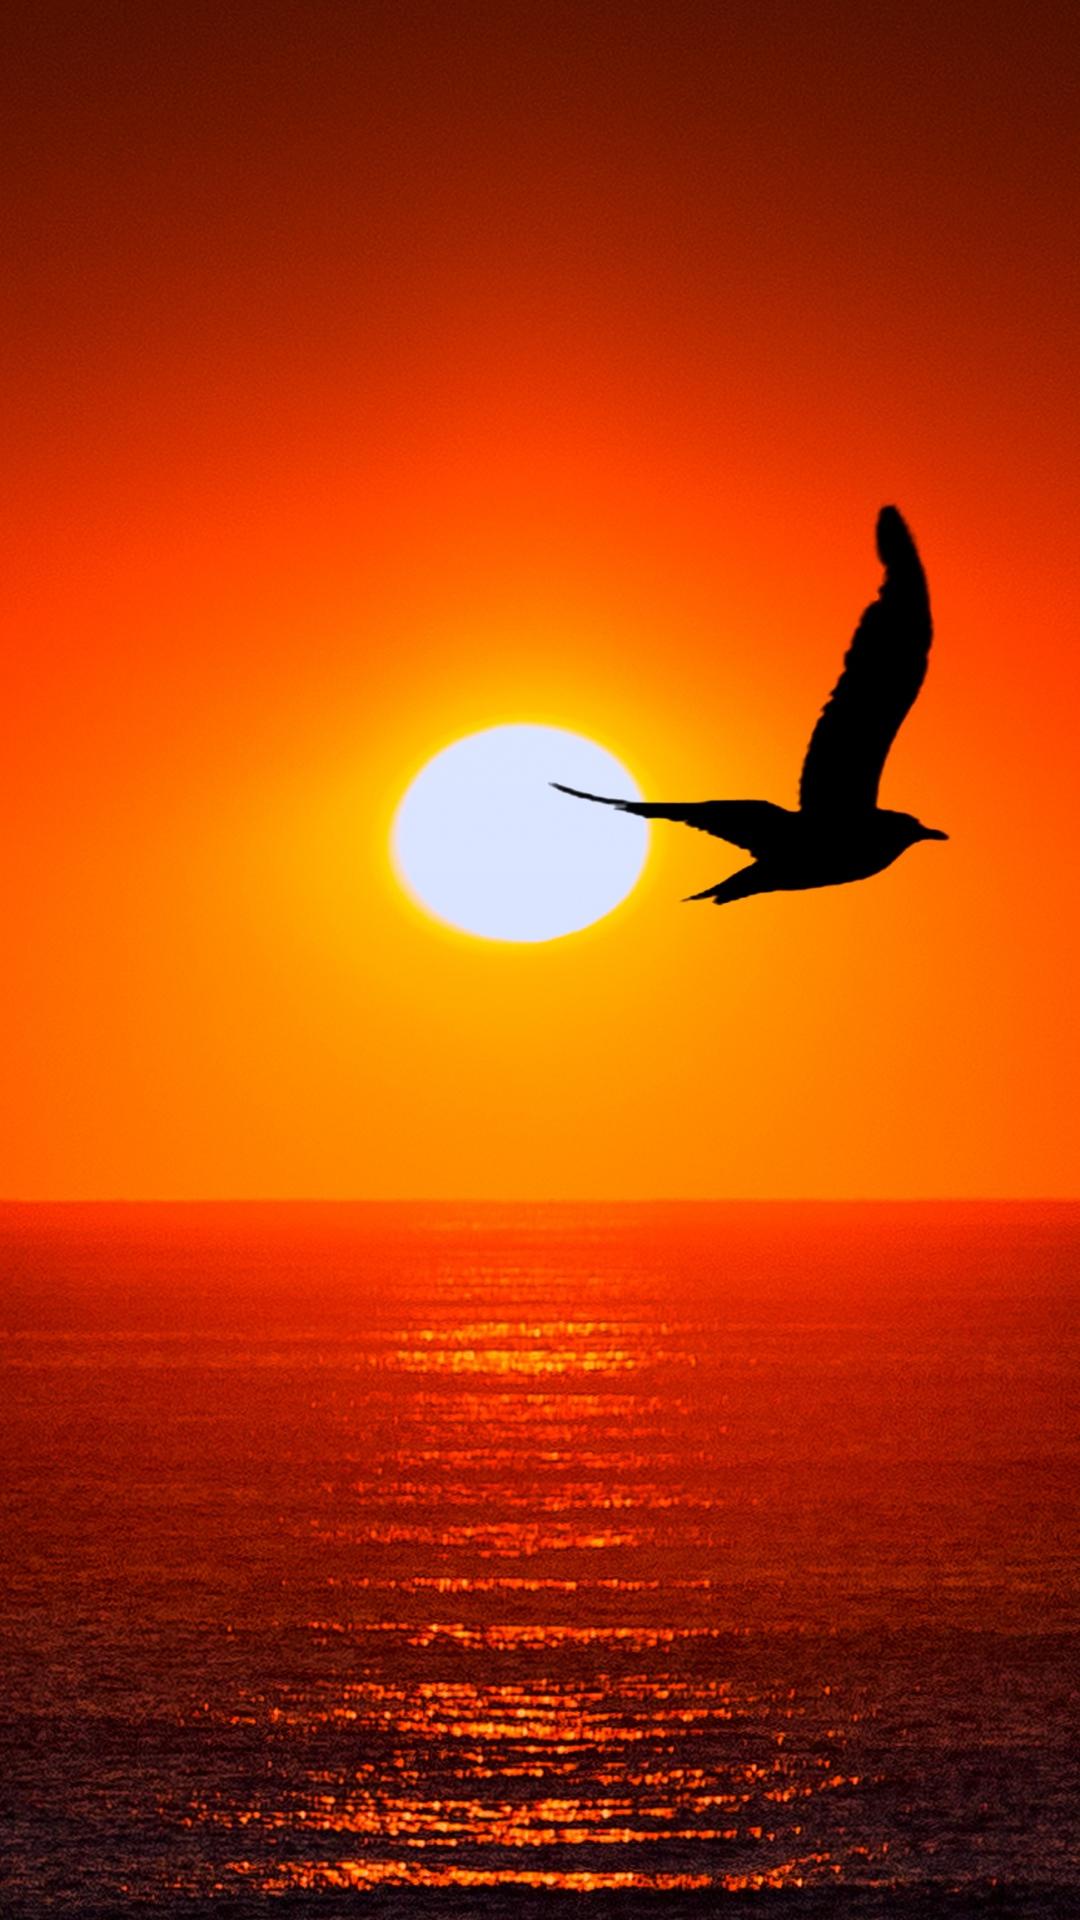 bird silhouette sun sea sky 3Wallpapers : notre sélection de fonds d'écran du 28/09/2017